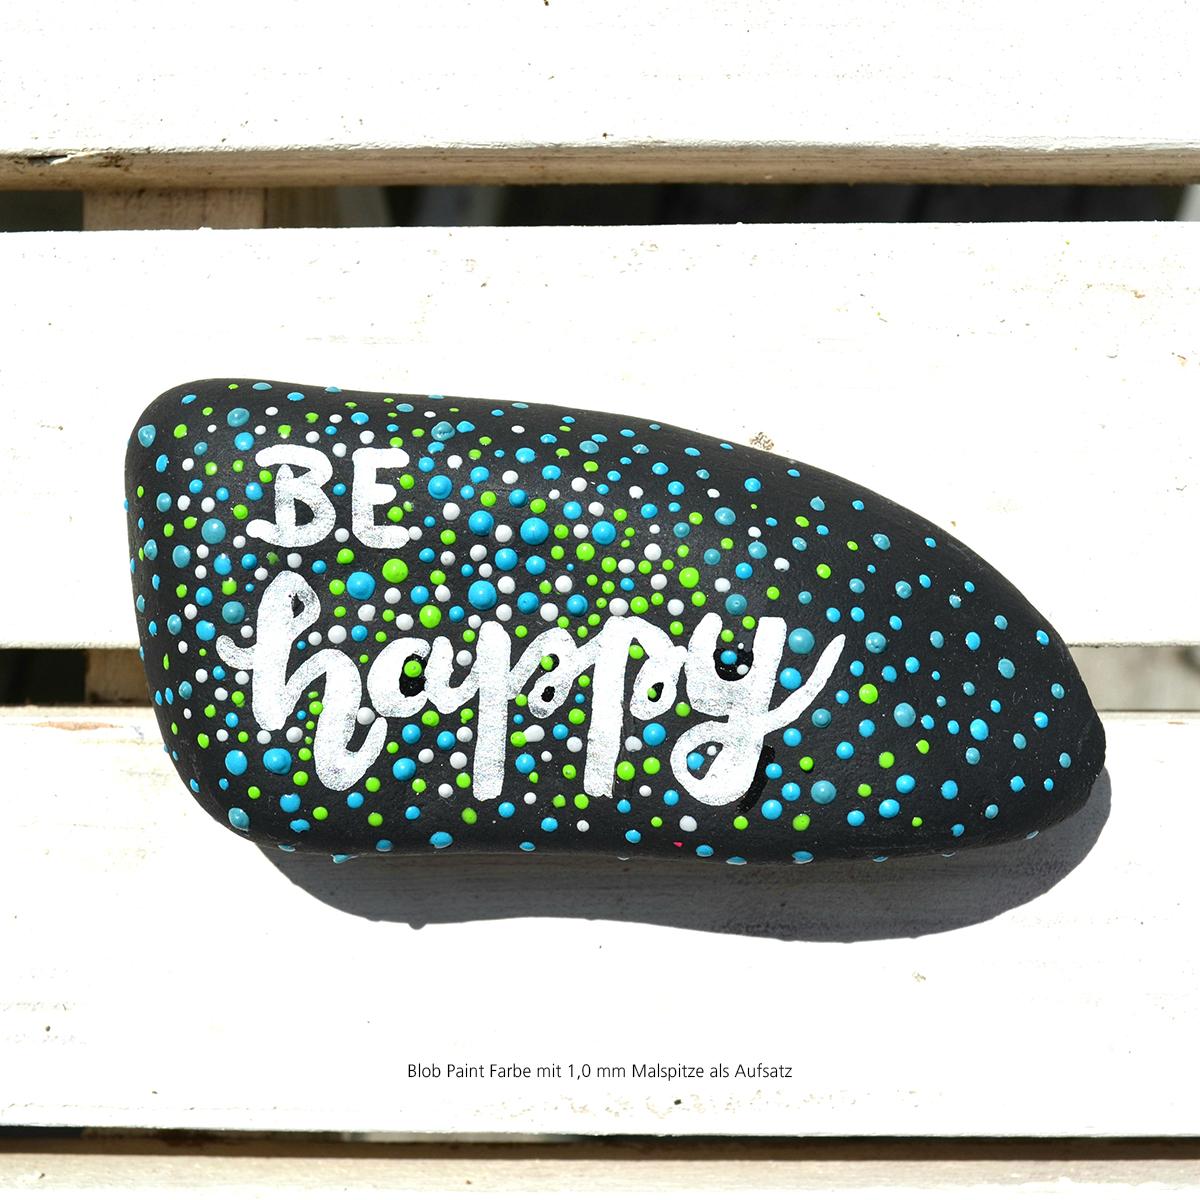 Mit Blob Paint Steine bemalen - mit einer 1,0 mm Malspitze als Aufsatz - Be happy